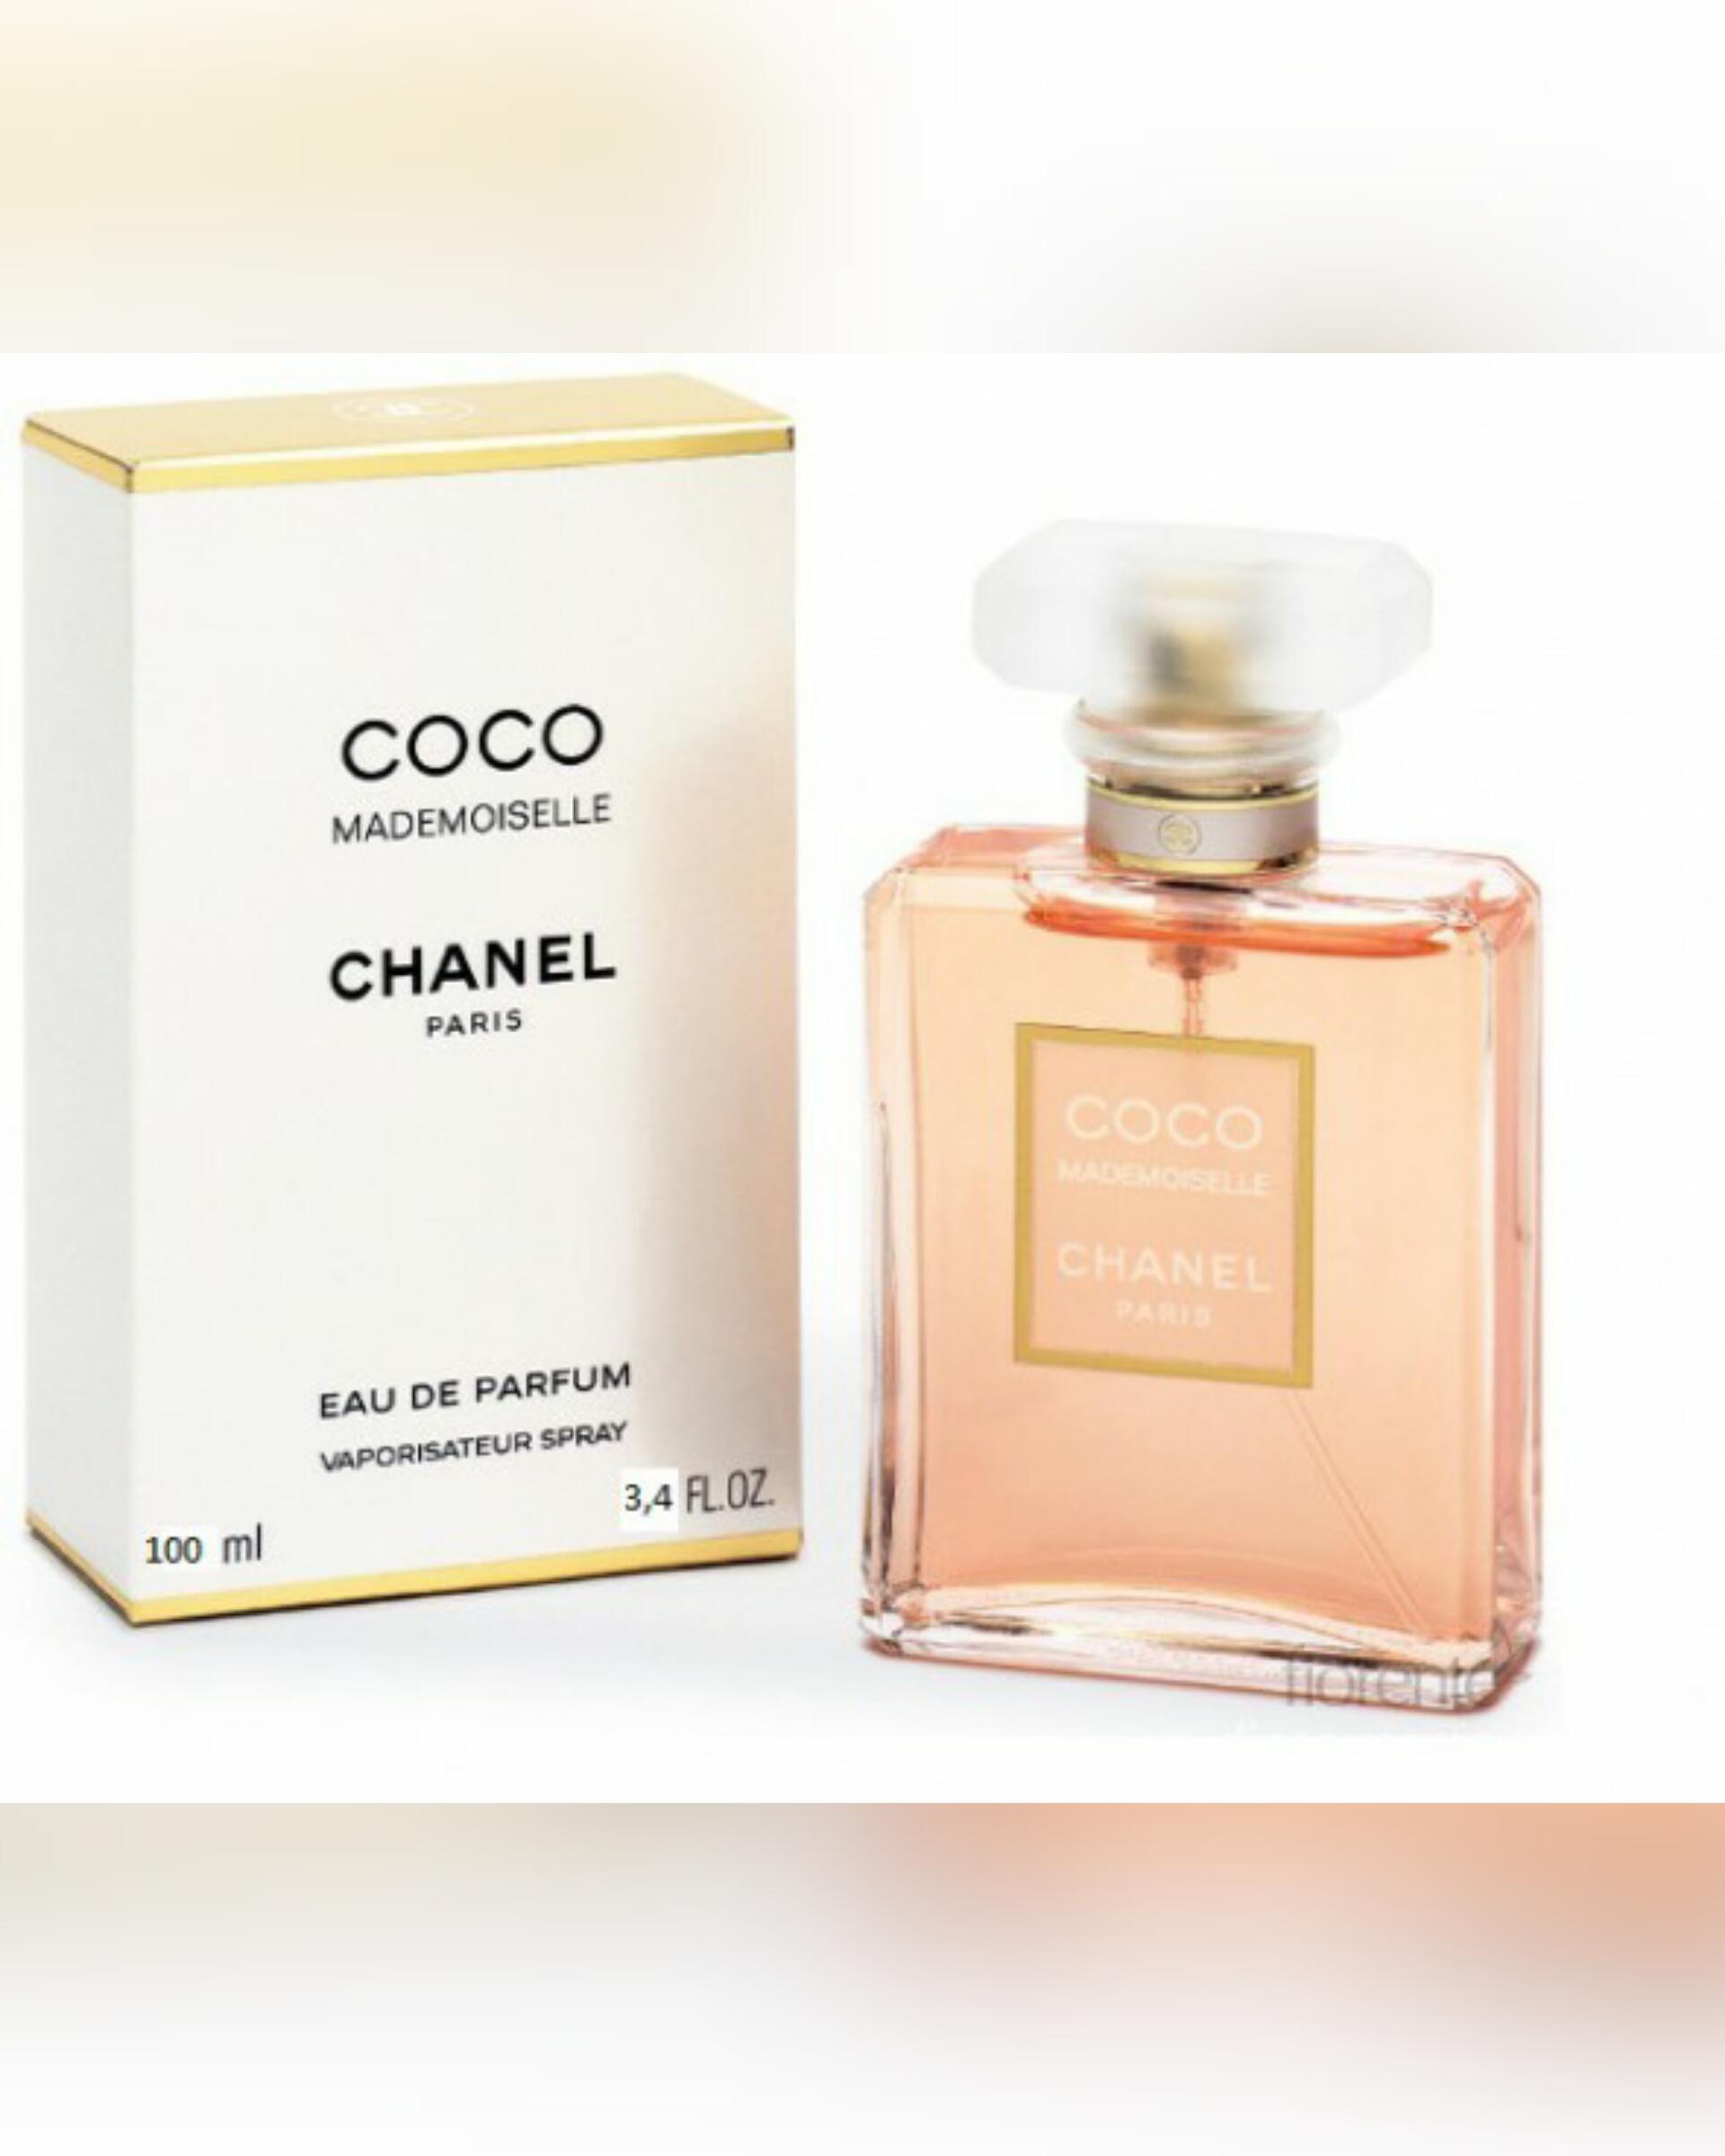 Купить духи шанель 5  парфюм туалетная вода chanel 5